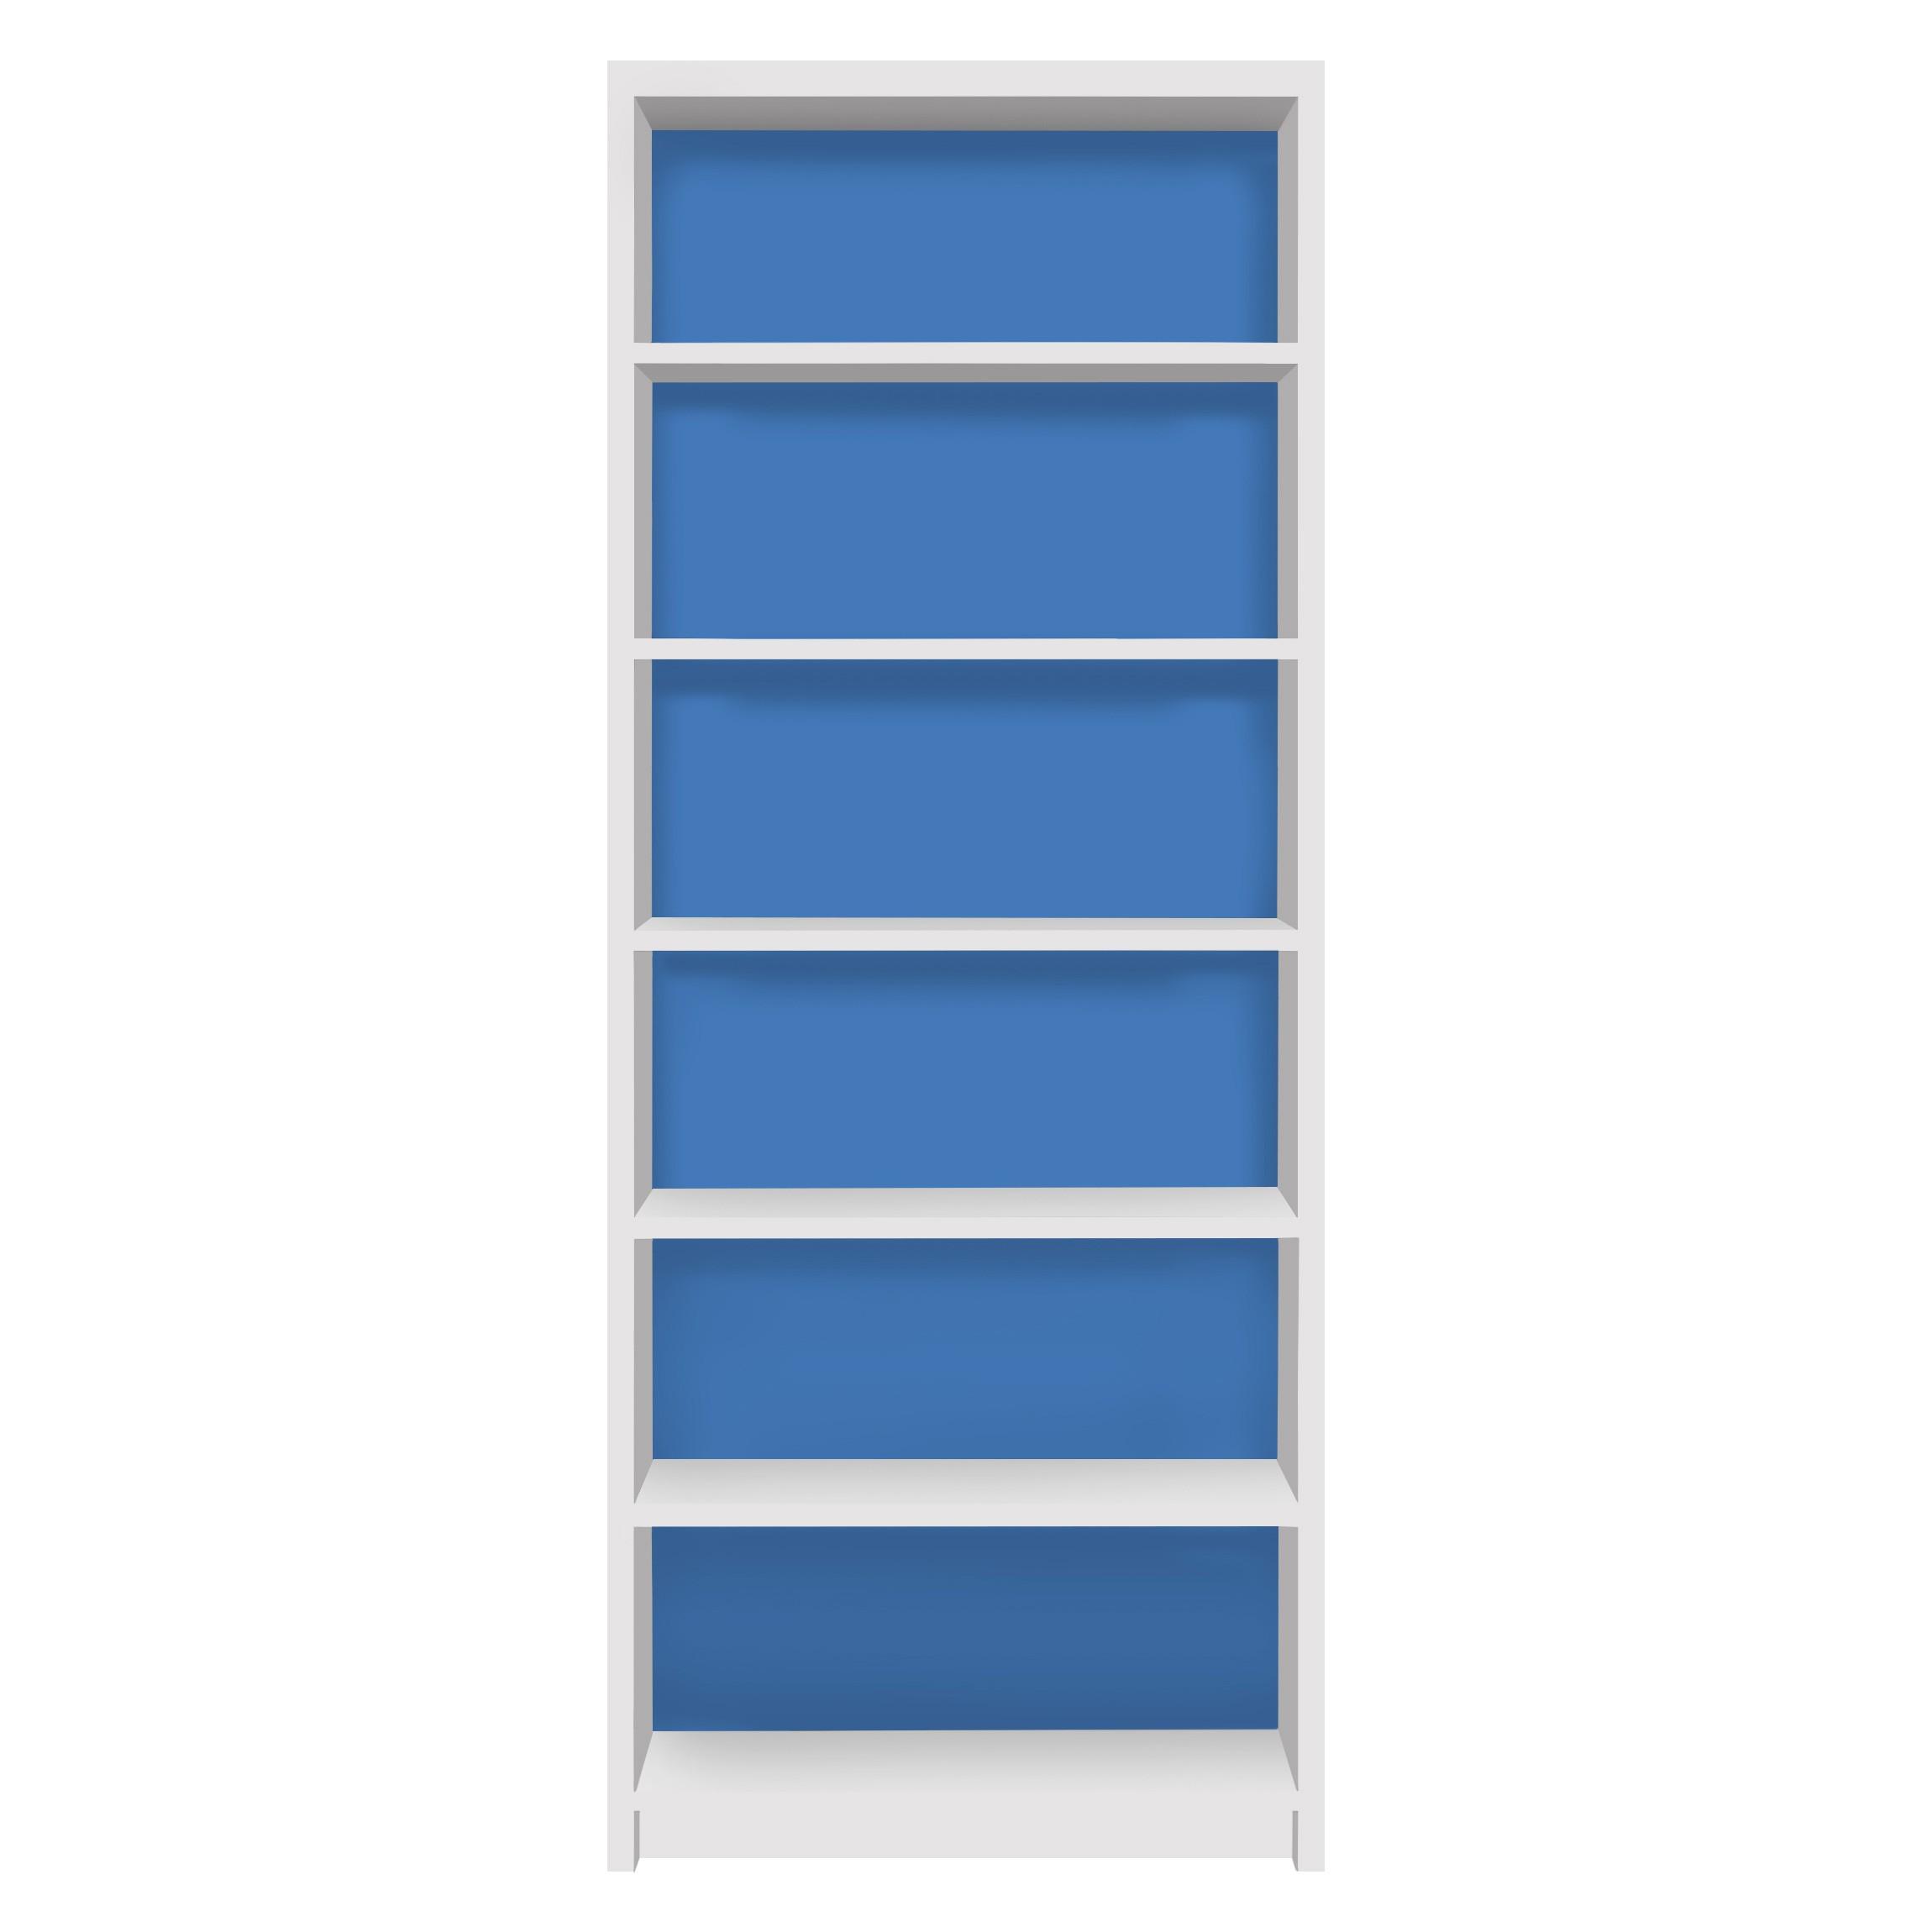 m belfolie f r ikea billy regal klebefolie colour royal blue. Black Bedroom Furniture Sets. Home Design Ideas